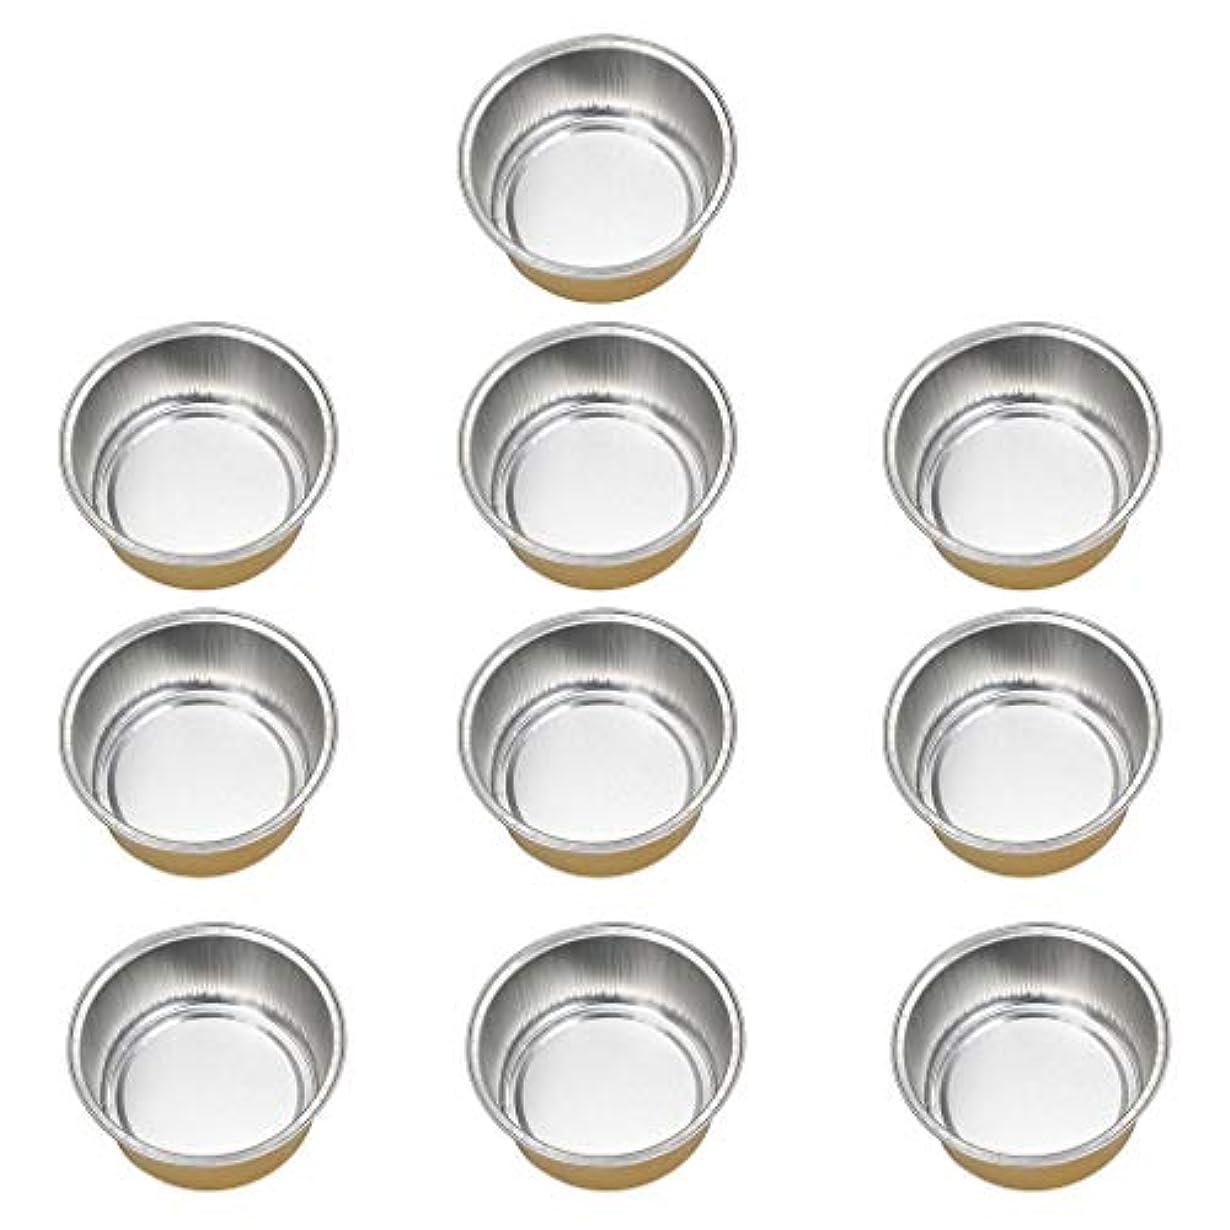 違反する三十ゴムFLAMEER 10個 ワックスボウル ミニボウル アルミホイルボウル ワックス豆体 溶融 衛生的 2種選ぶ - ゴールデン2, 02